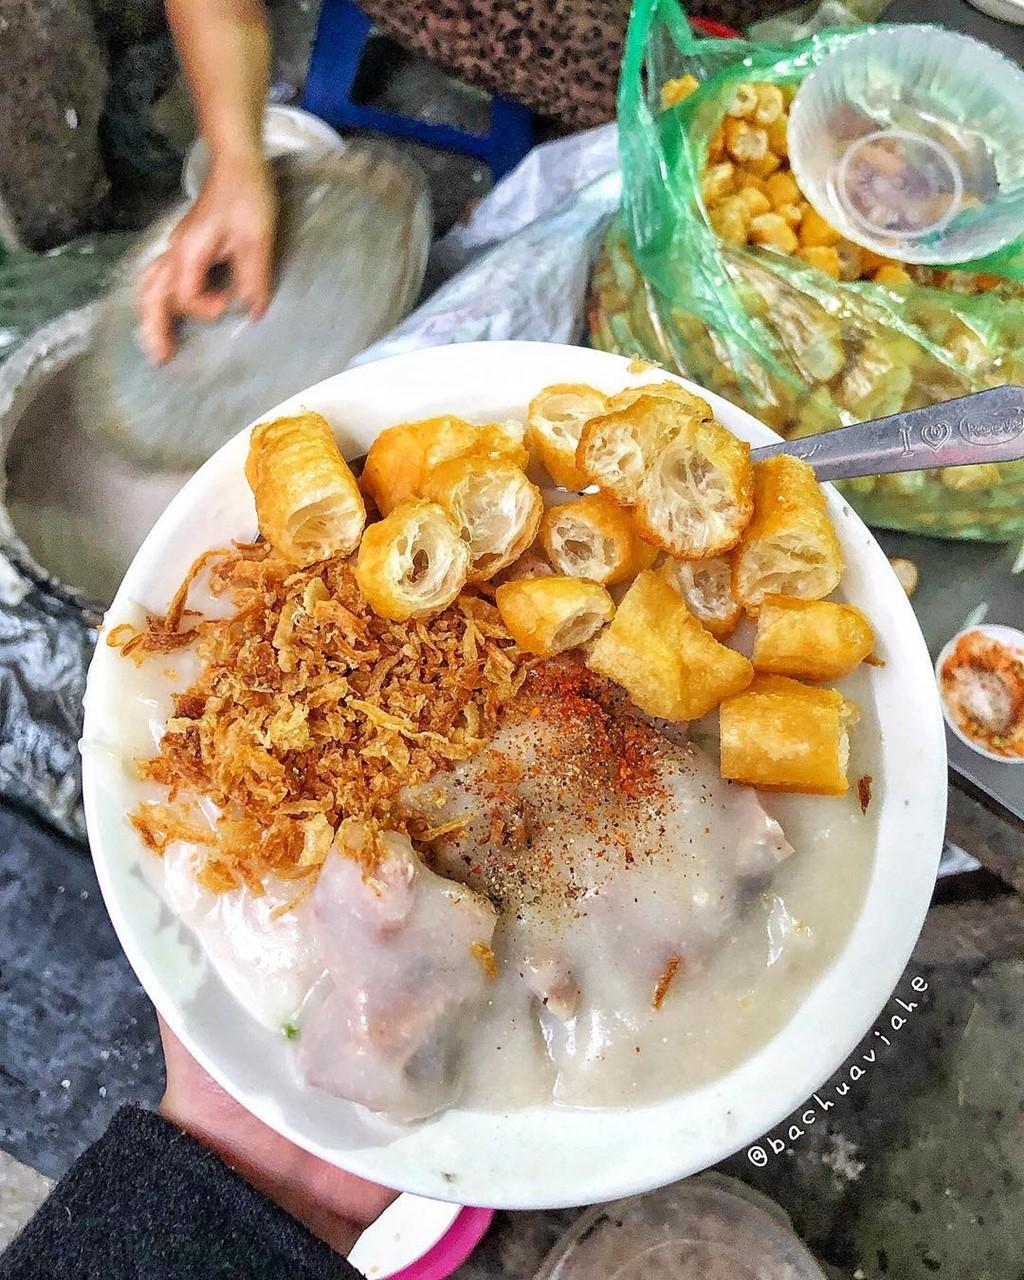 Cháo lòng, lẩu tteokbokki và 7 món nóng hổi ngày Hà Nội trở lạnh ảnh 1